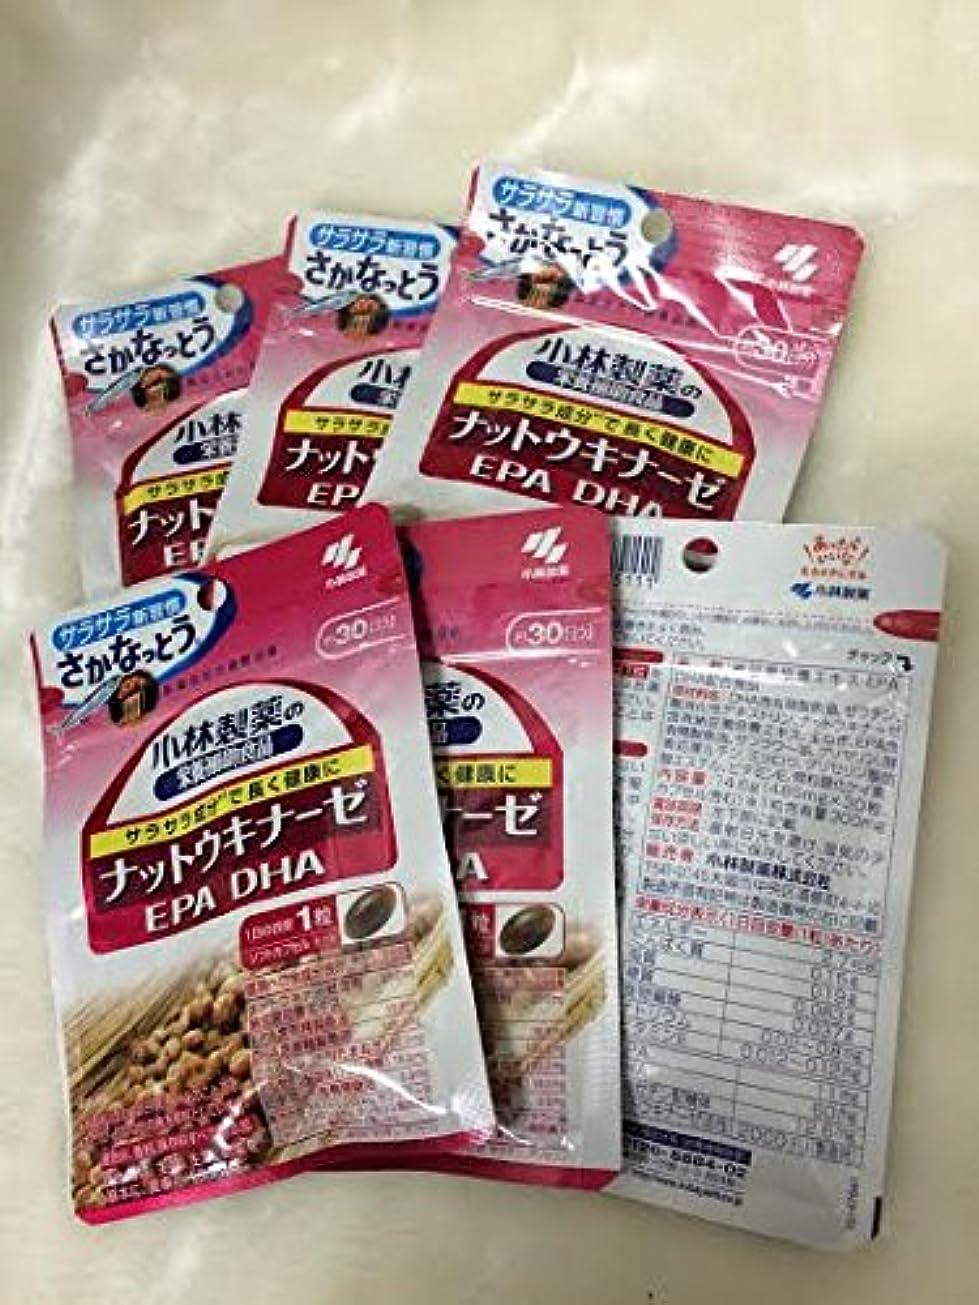 推定するちっちゃいロデオ小林製薬の栄養補助食品 ナットウキナーゼ?DHA?EPA 30粒(約30日分) 6セット